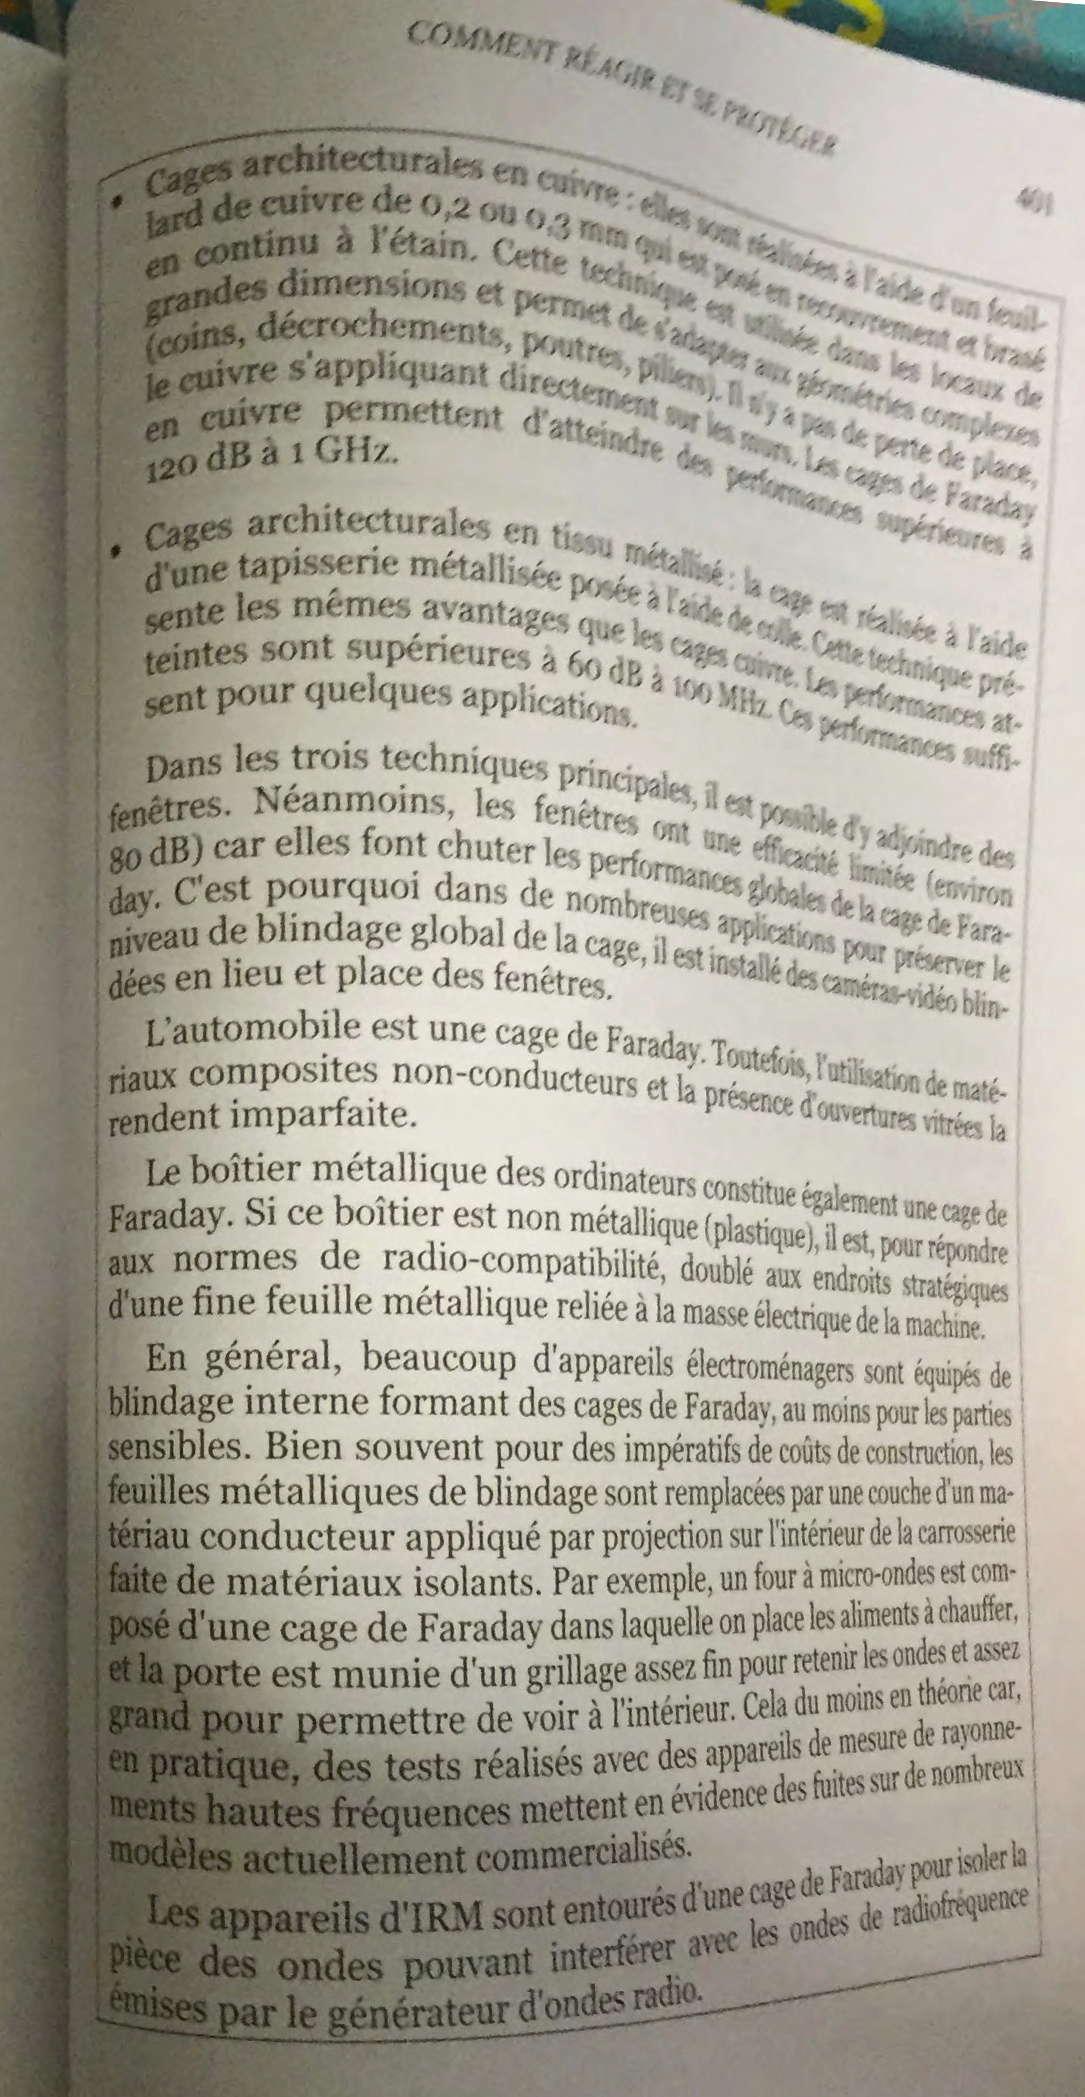 NRBC : Survivre aux évènements nucléaires, radiologiques, biologiques et chimique Piero San Giorgio  - Page 4 40110